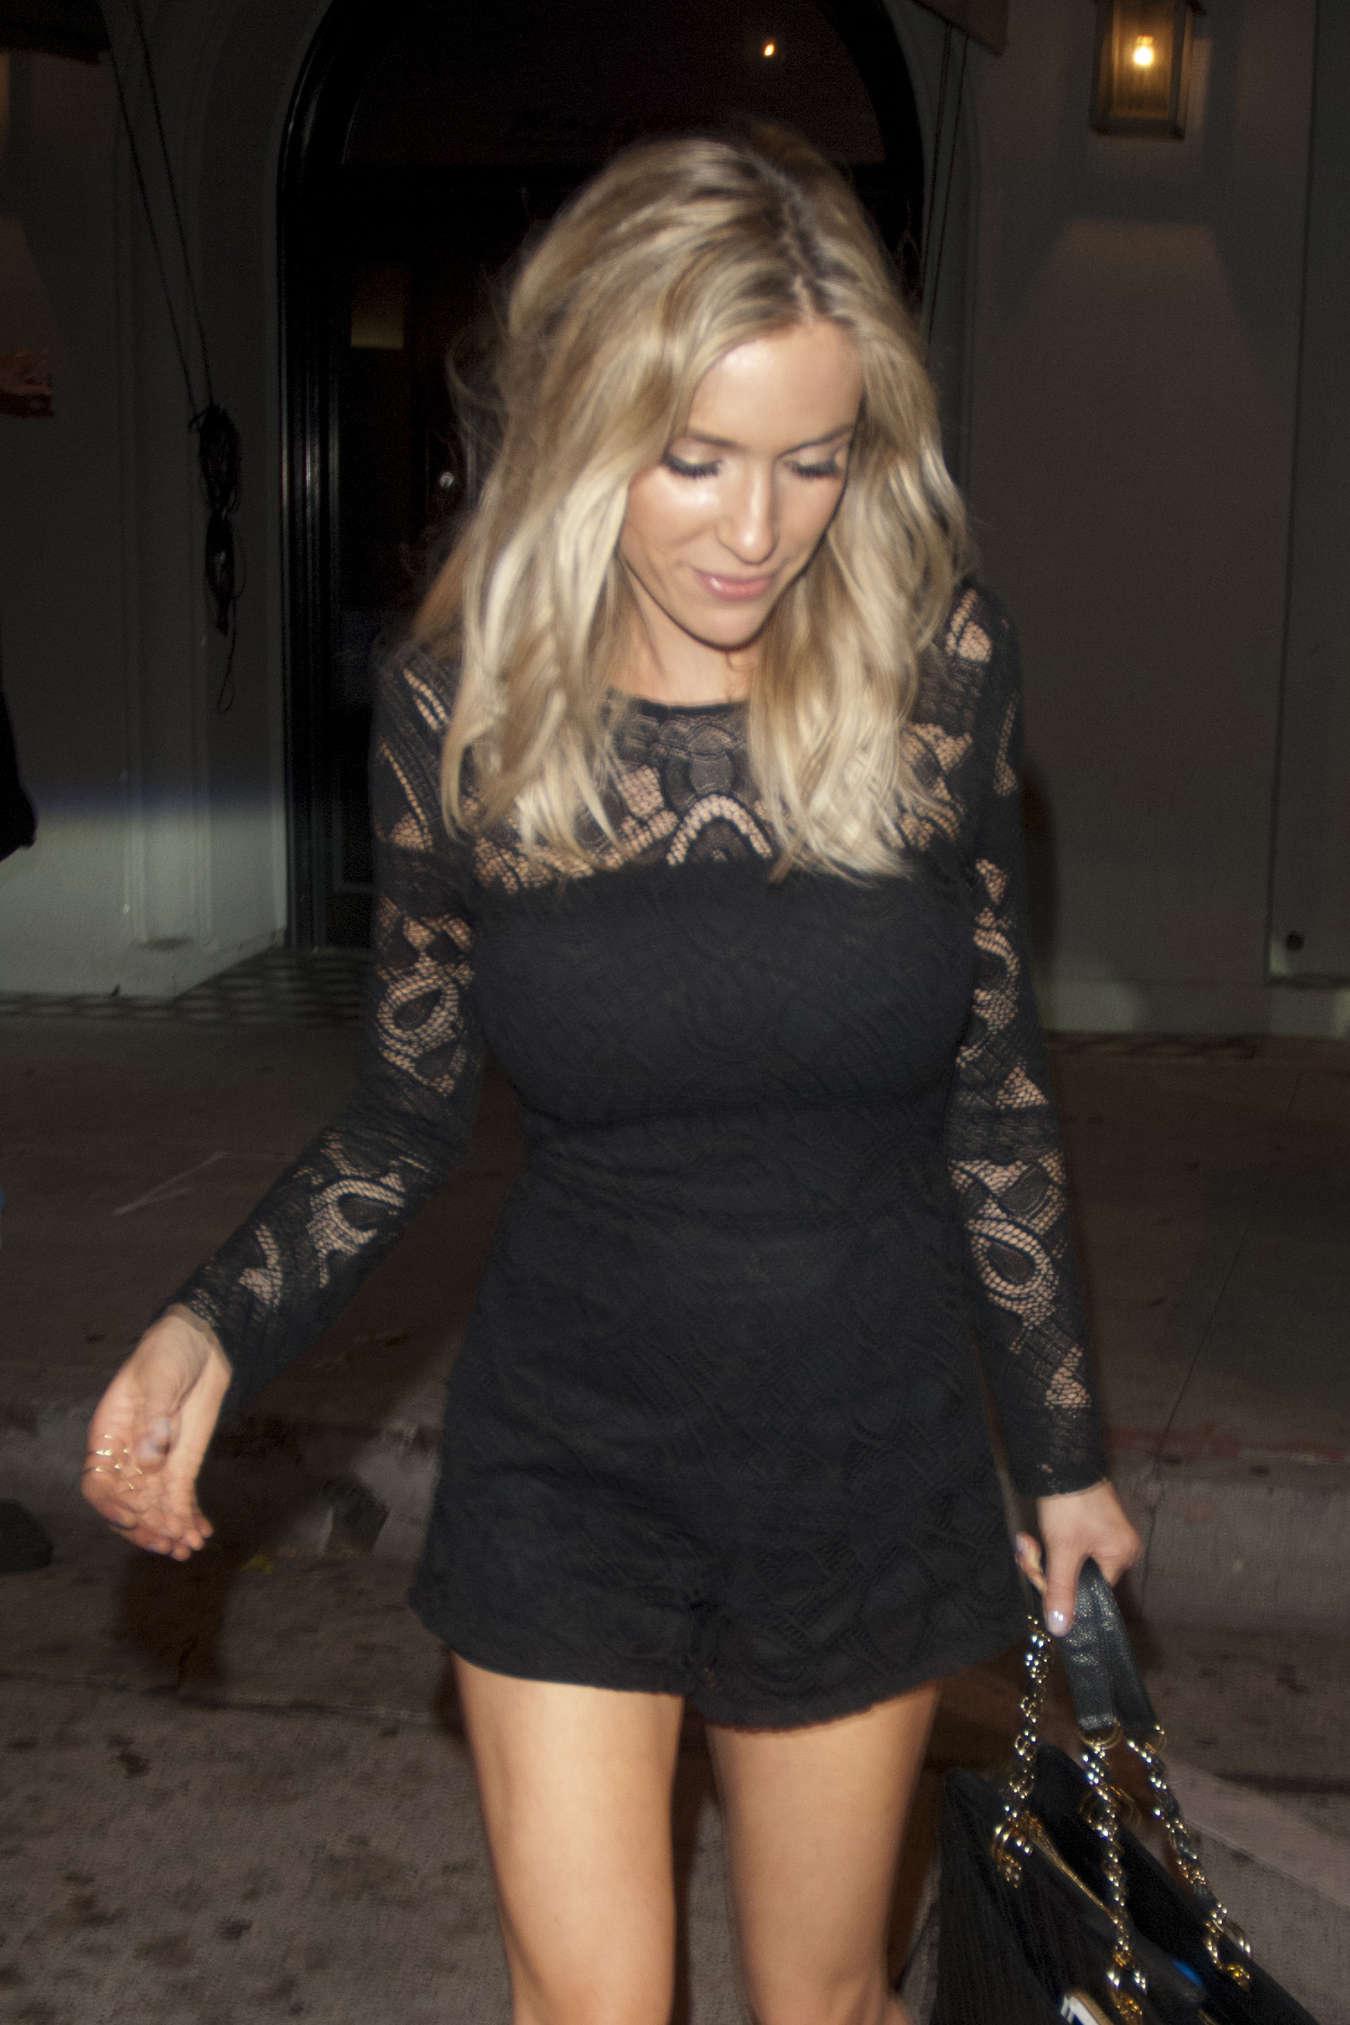 Kristin Cavallari in black lace romper at Craig's in Los Angeles